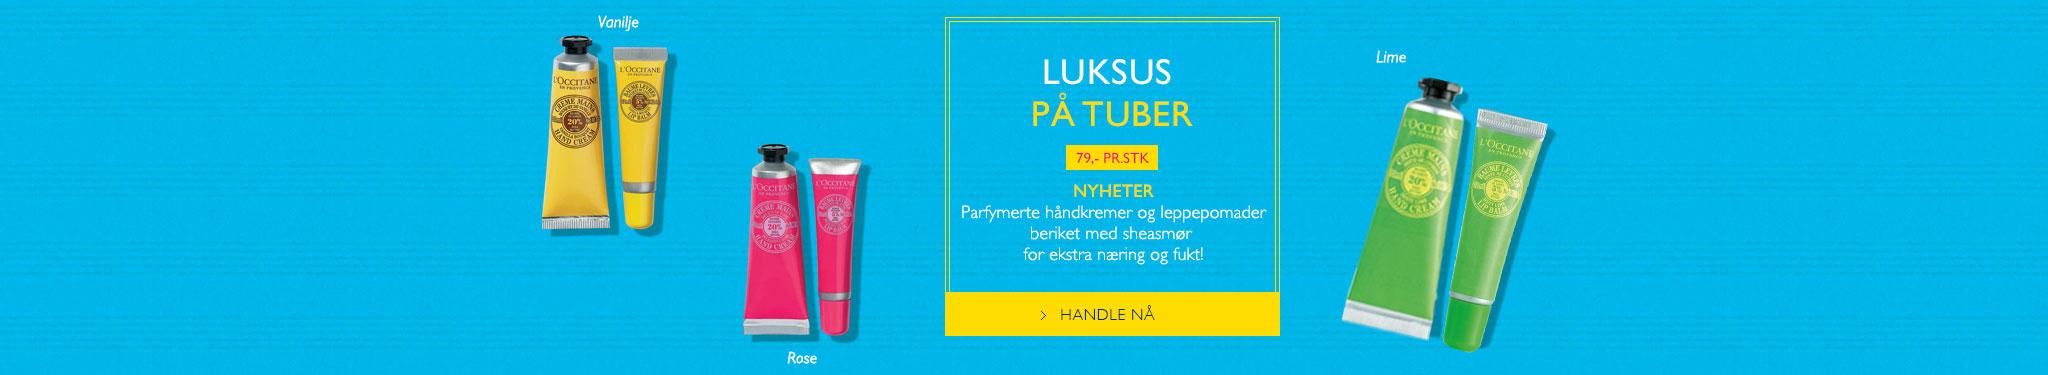 LUKSUS PÅ TUBER